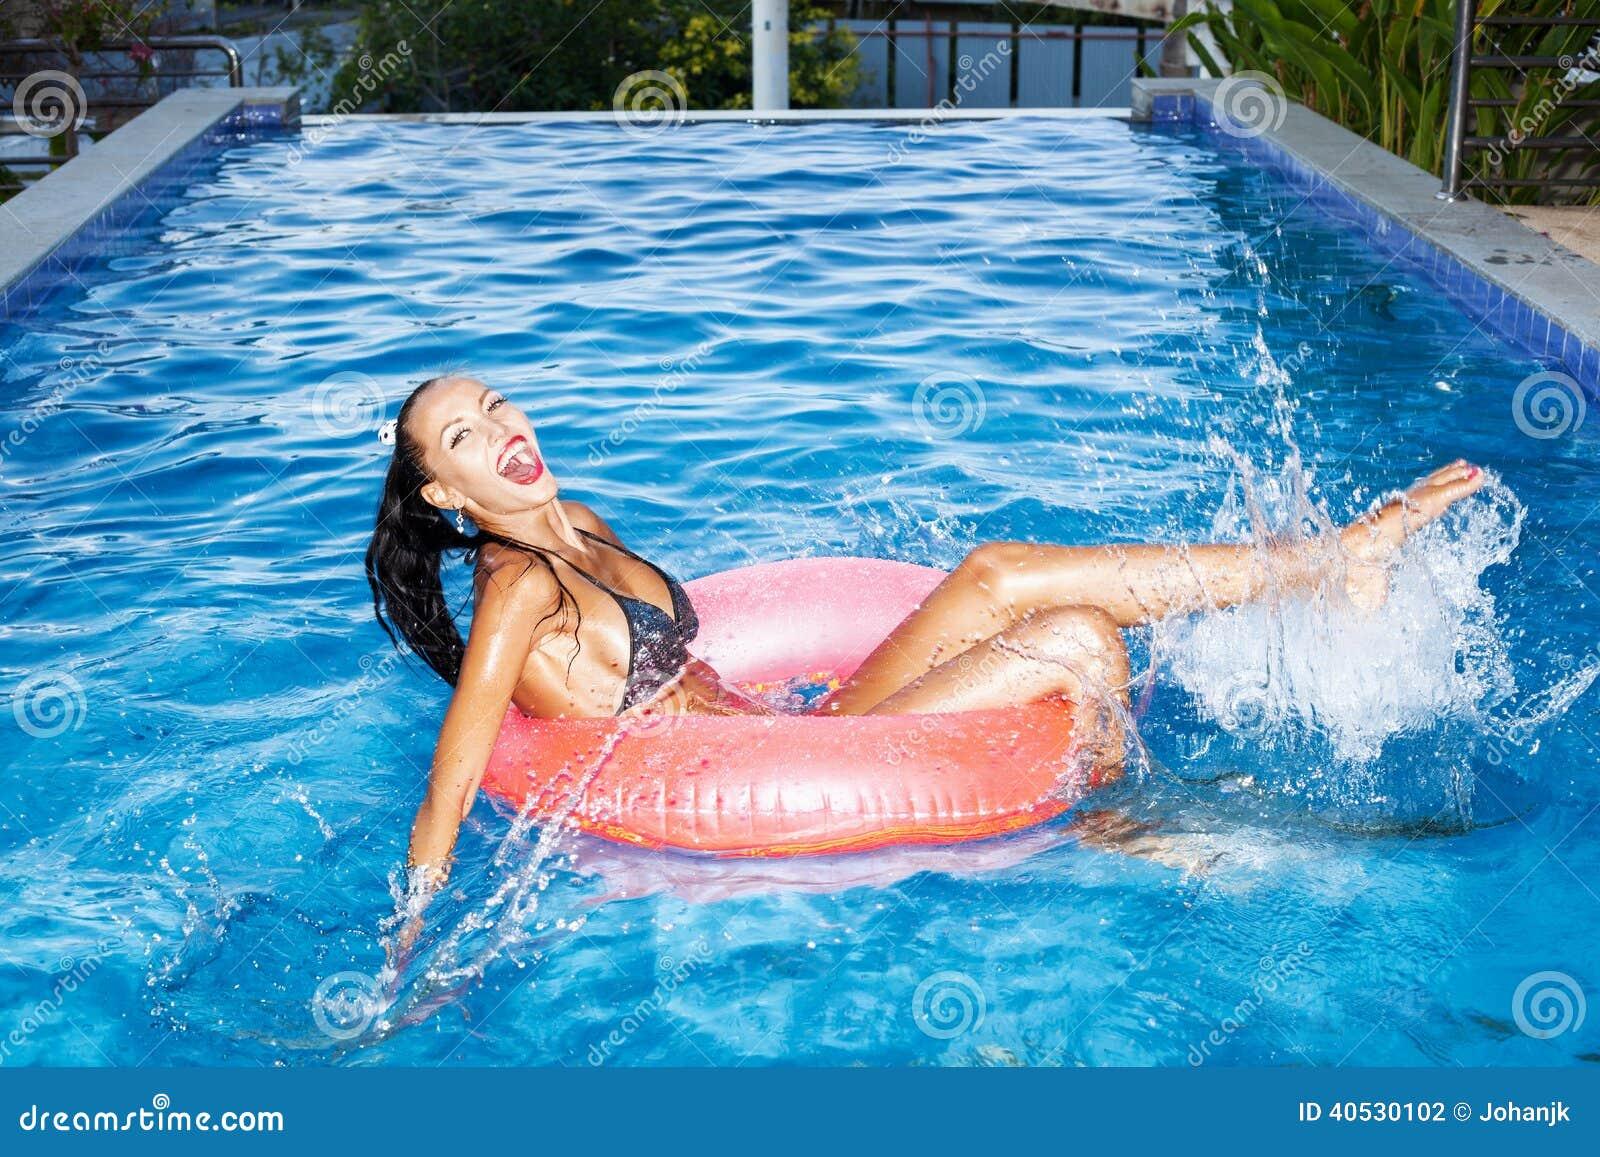 Как сделать так чтобы вода в бассейне не портилась